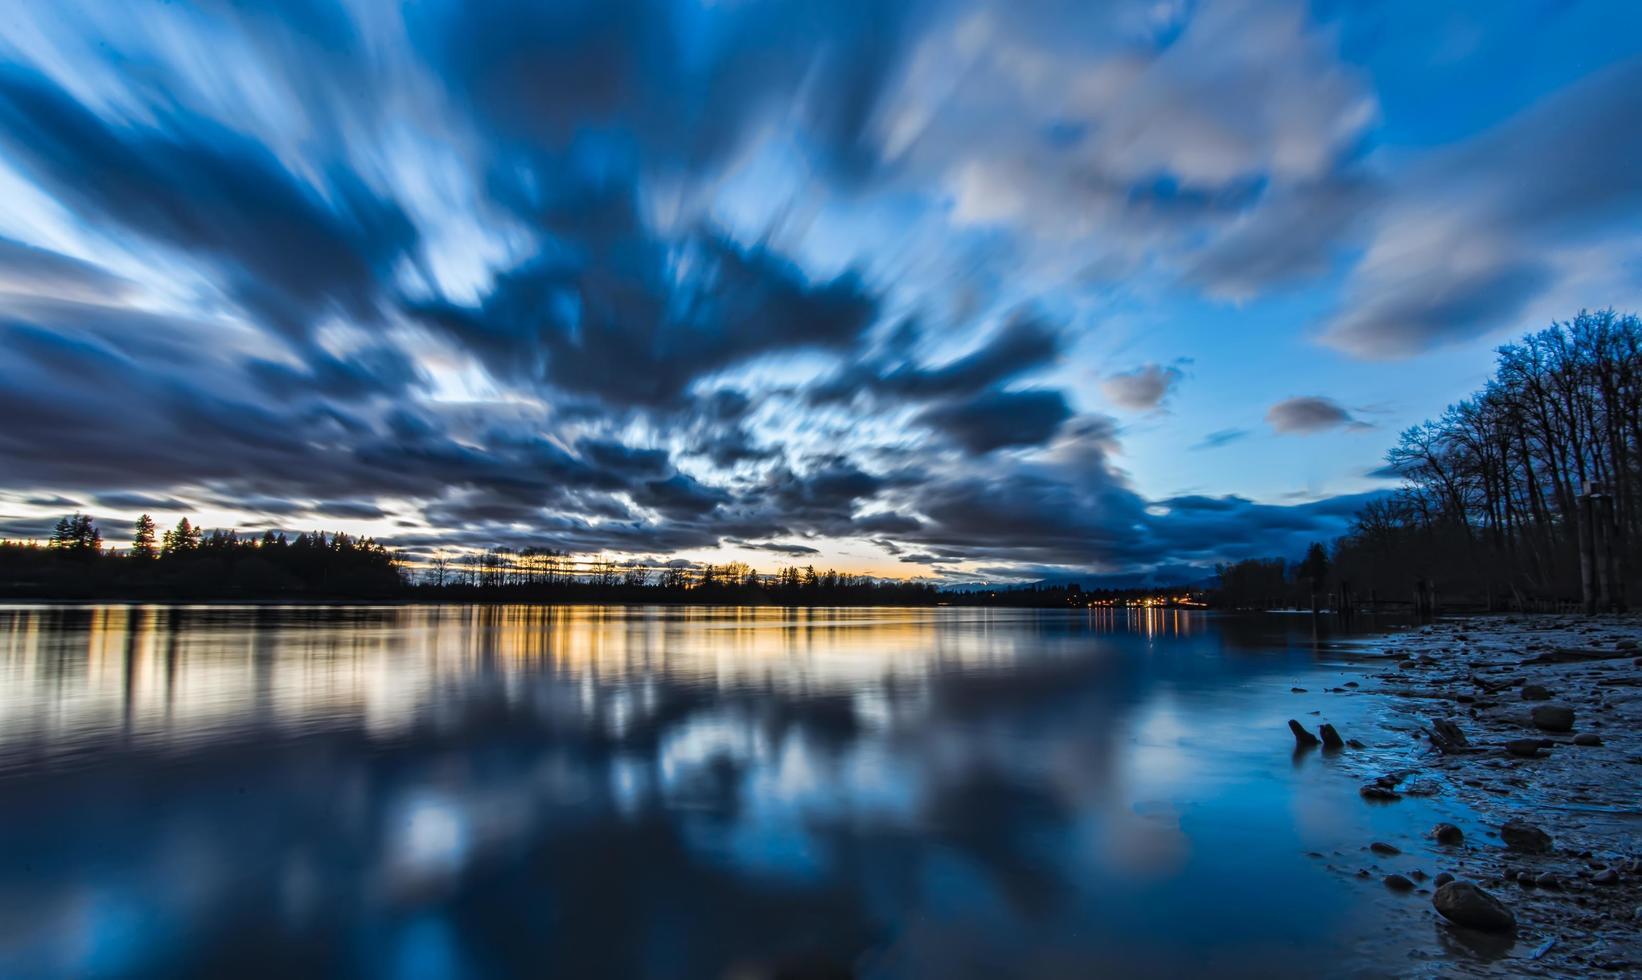 tidsinställd moln vid sjön under gryningen foto